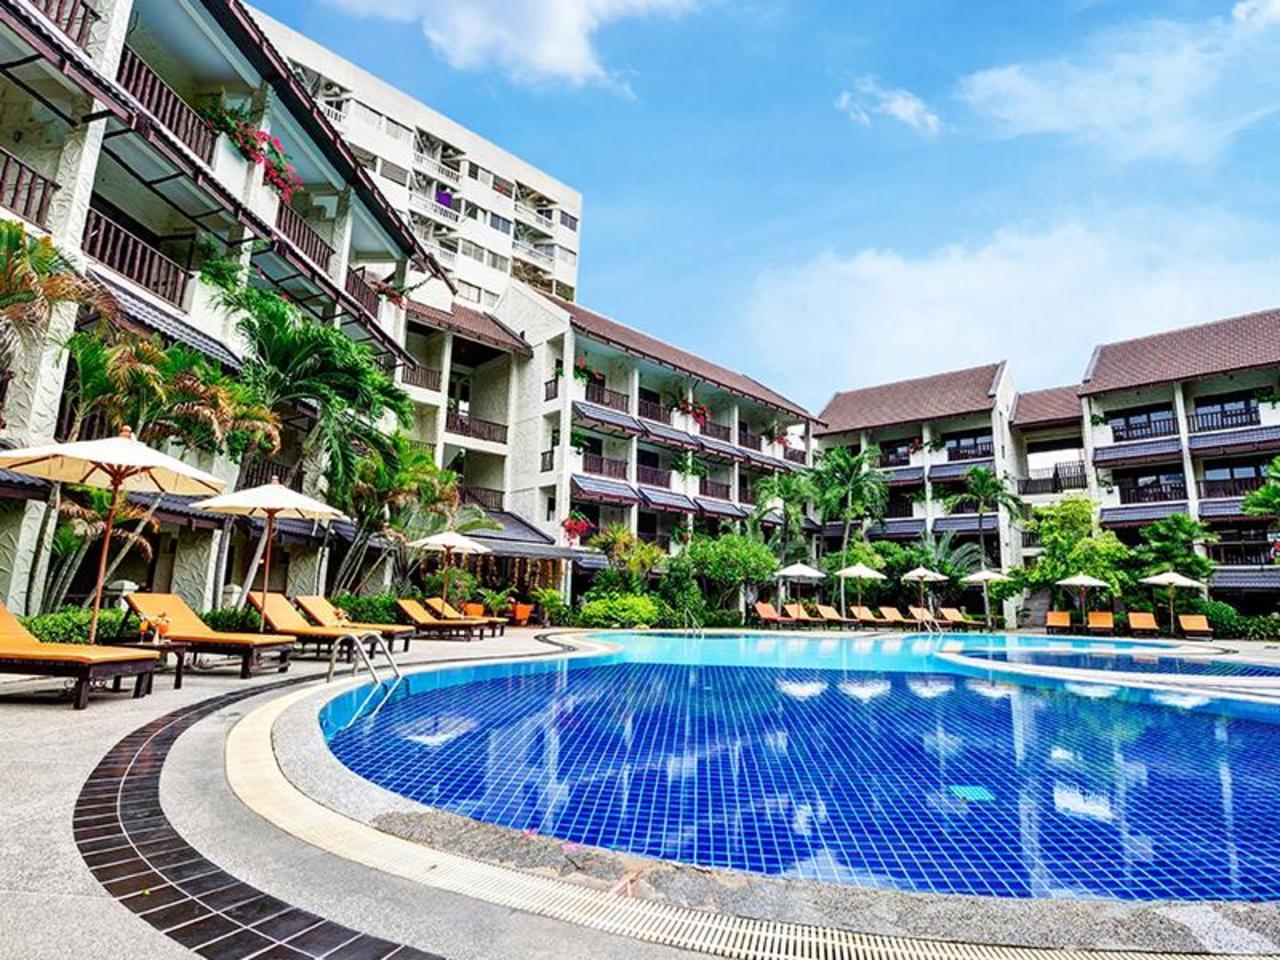 สเปลนดิด รีสอร์ท แอด จอมเทียน (Splendid Resort @ Jomtien)